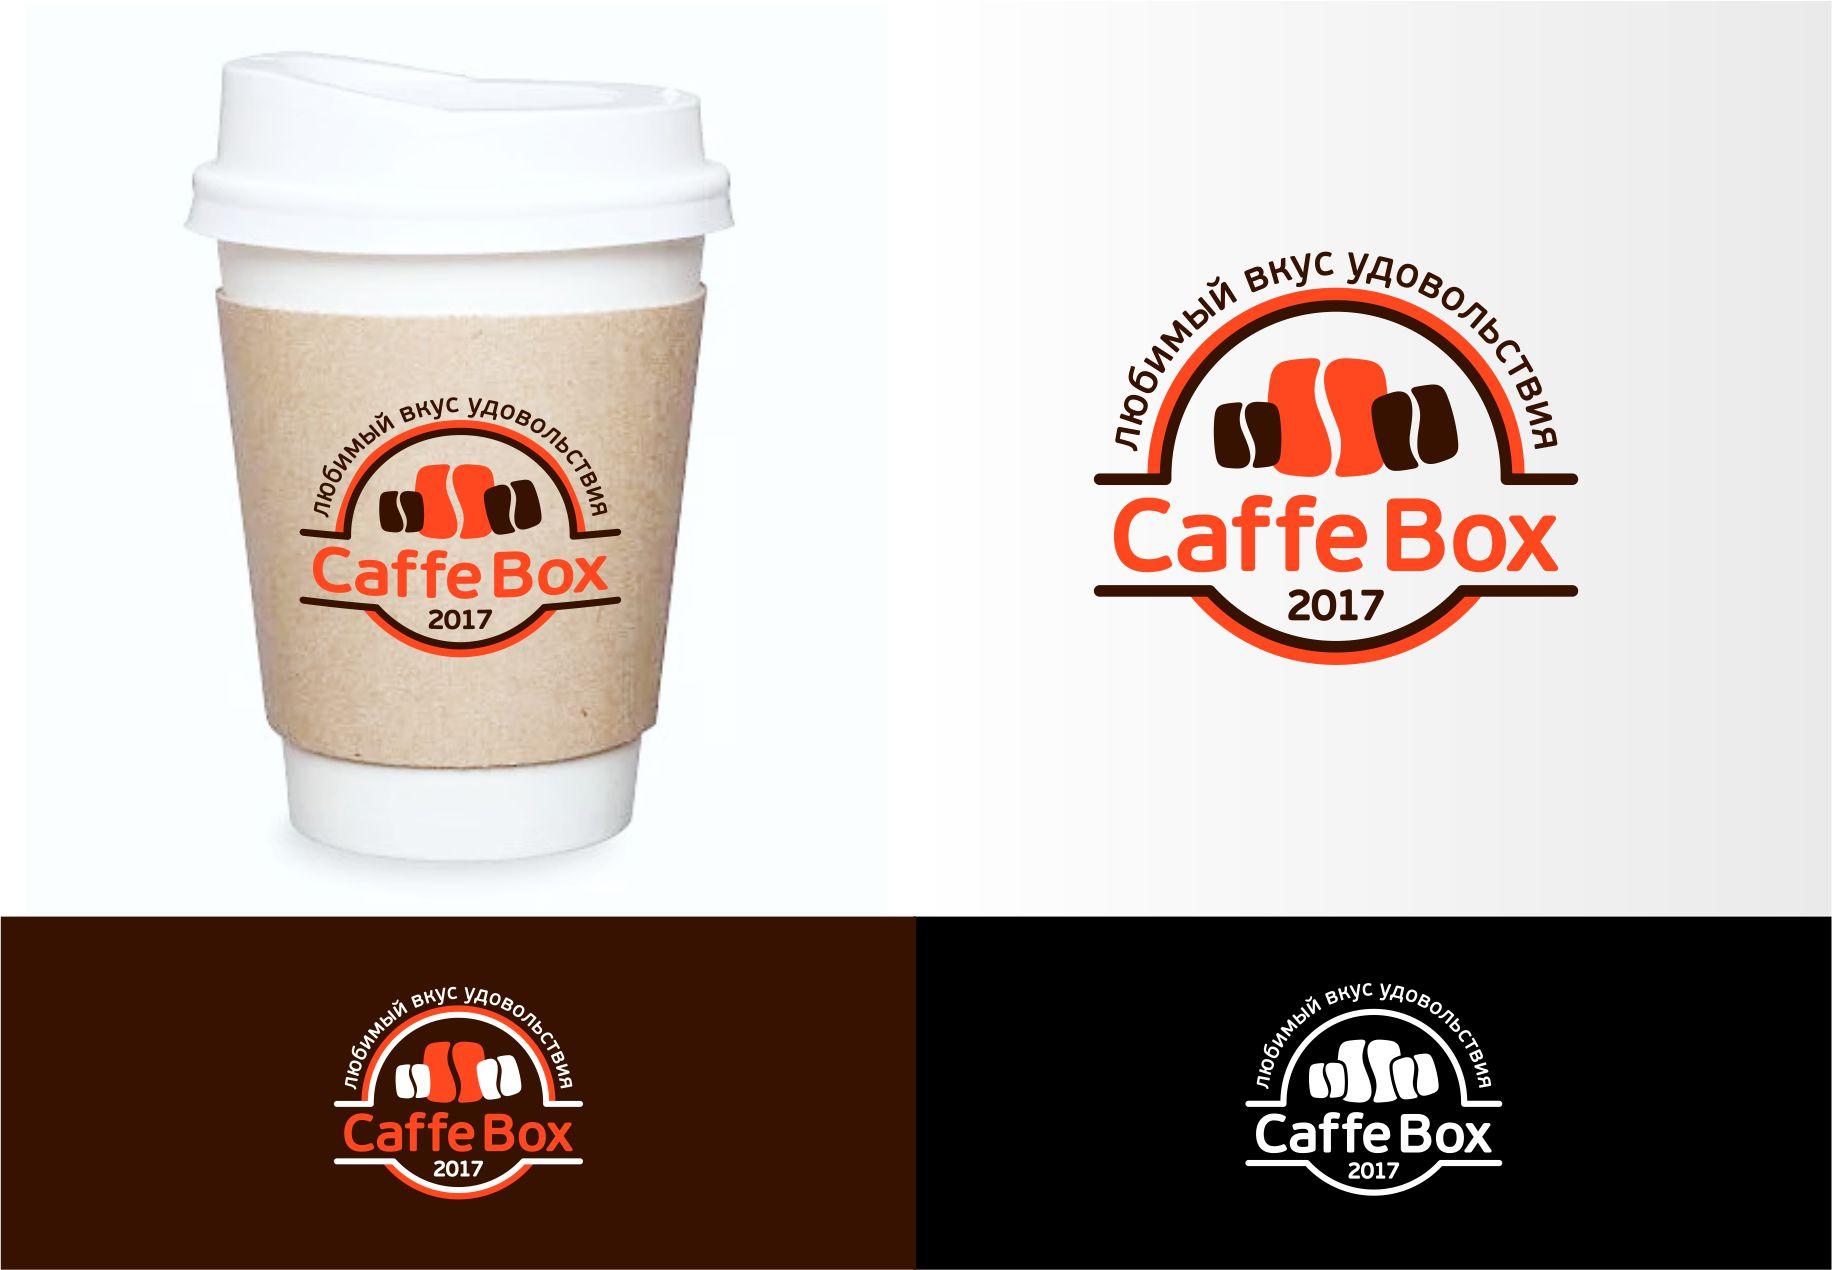 Требуется очень срочно разработать логотип кофейни! фото f_8255a0b5336e2ca5.jpg